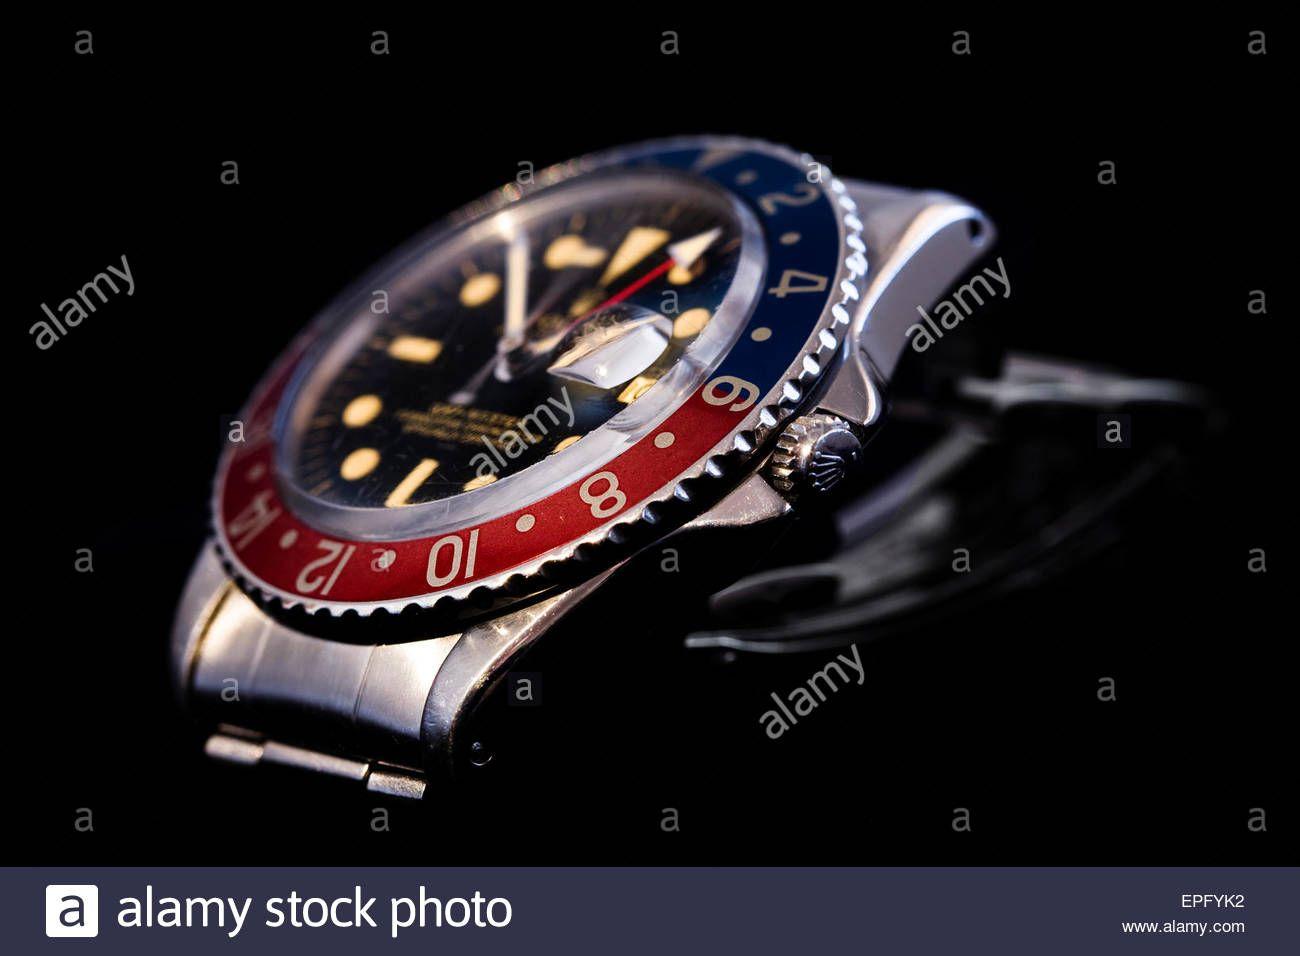 Amazing Rolex Wallpaper - defcd77dc46be9e7d5e56066c0ac7eaf Pictures_712822.jpg